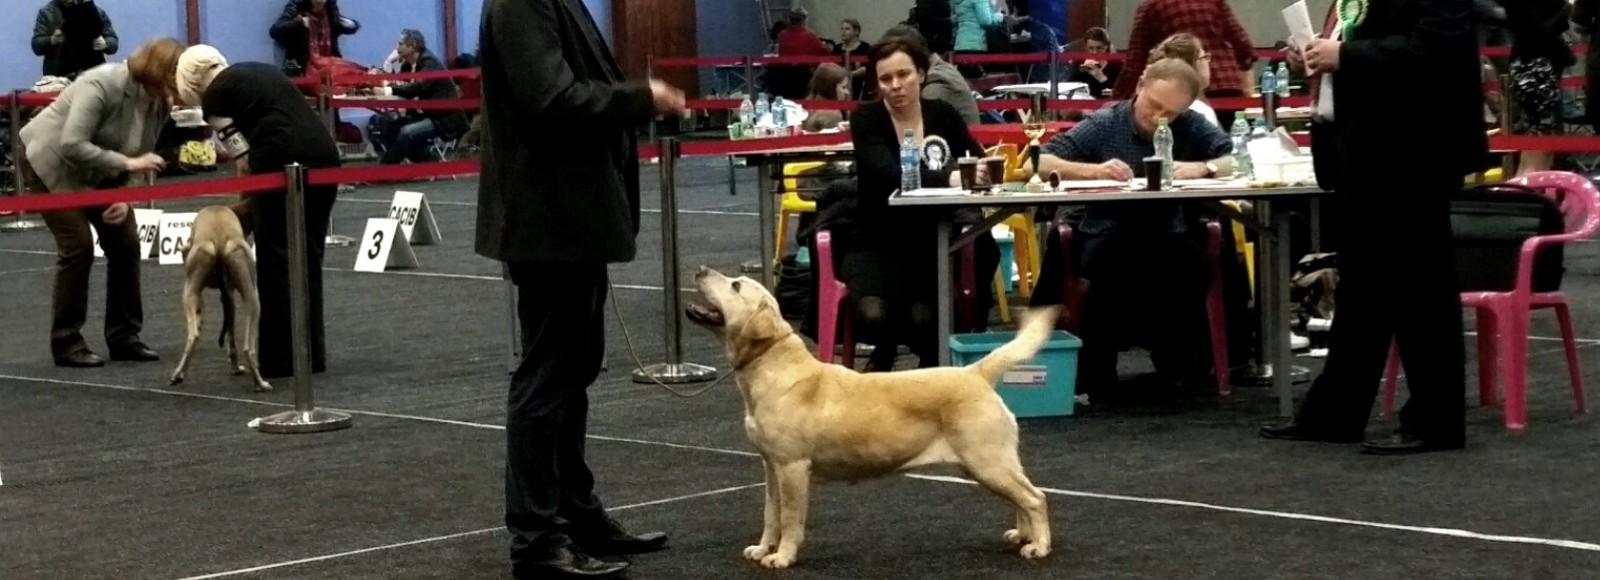 Perfect Breed na wystawie psów rasowych labrador